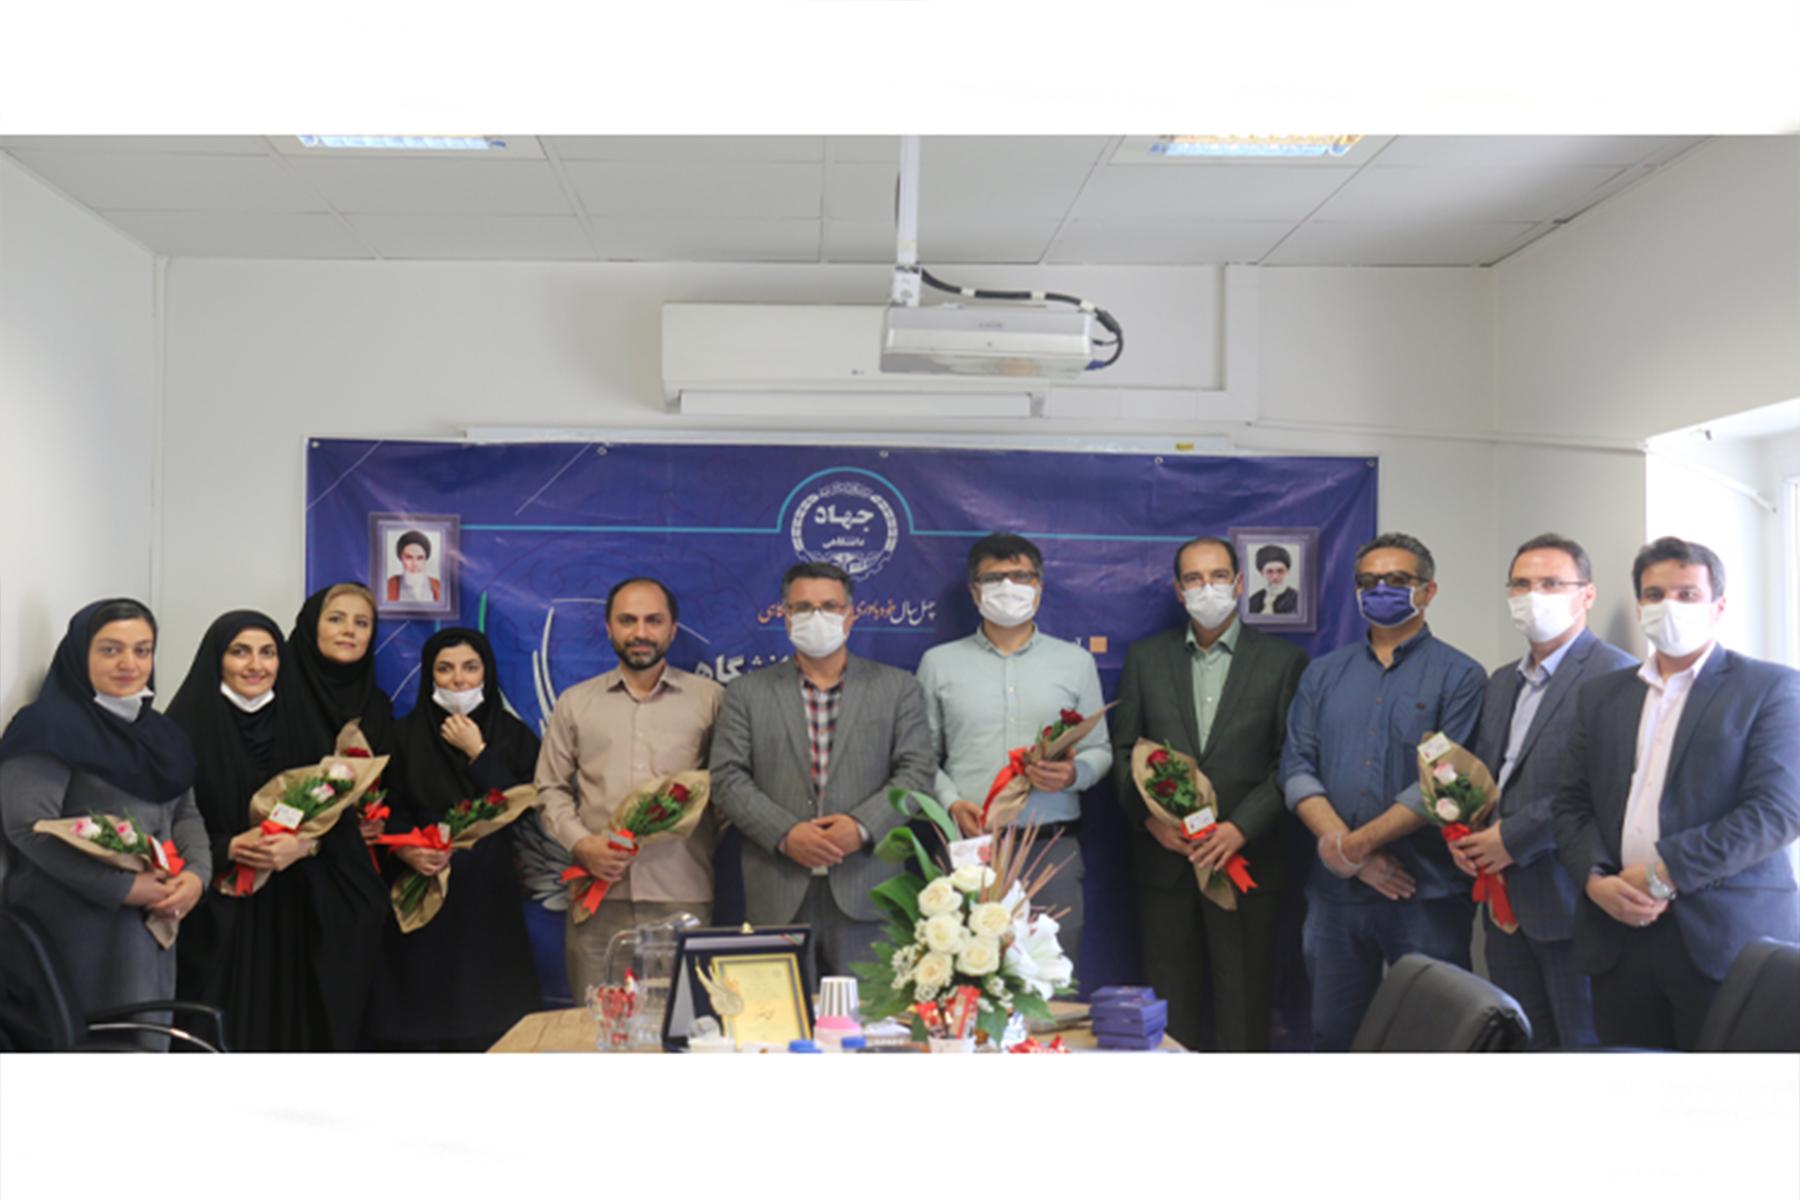 تقدیر رئیس جهاد دانشگاهی علوم پزشکی تهران از زحمات همکاران به مناسبت سالگرد تاسیس جهاد دانشگاهی